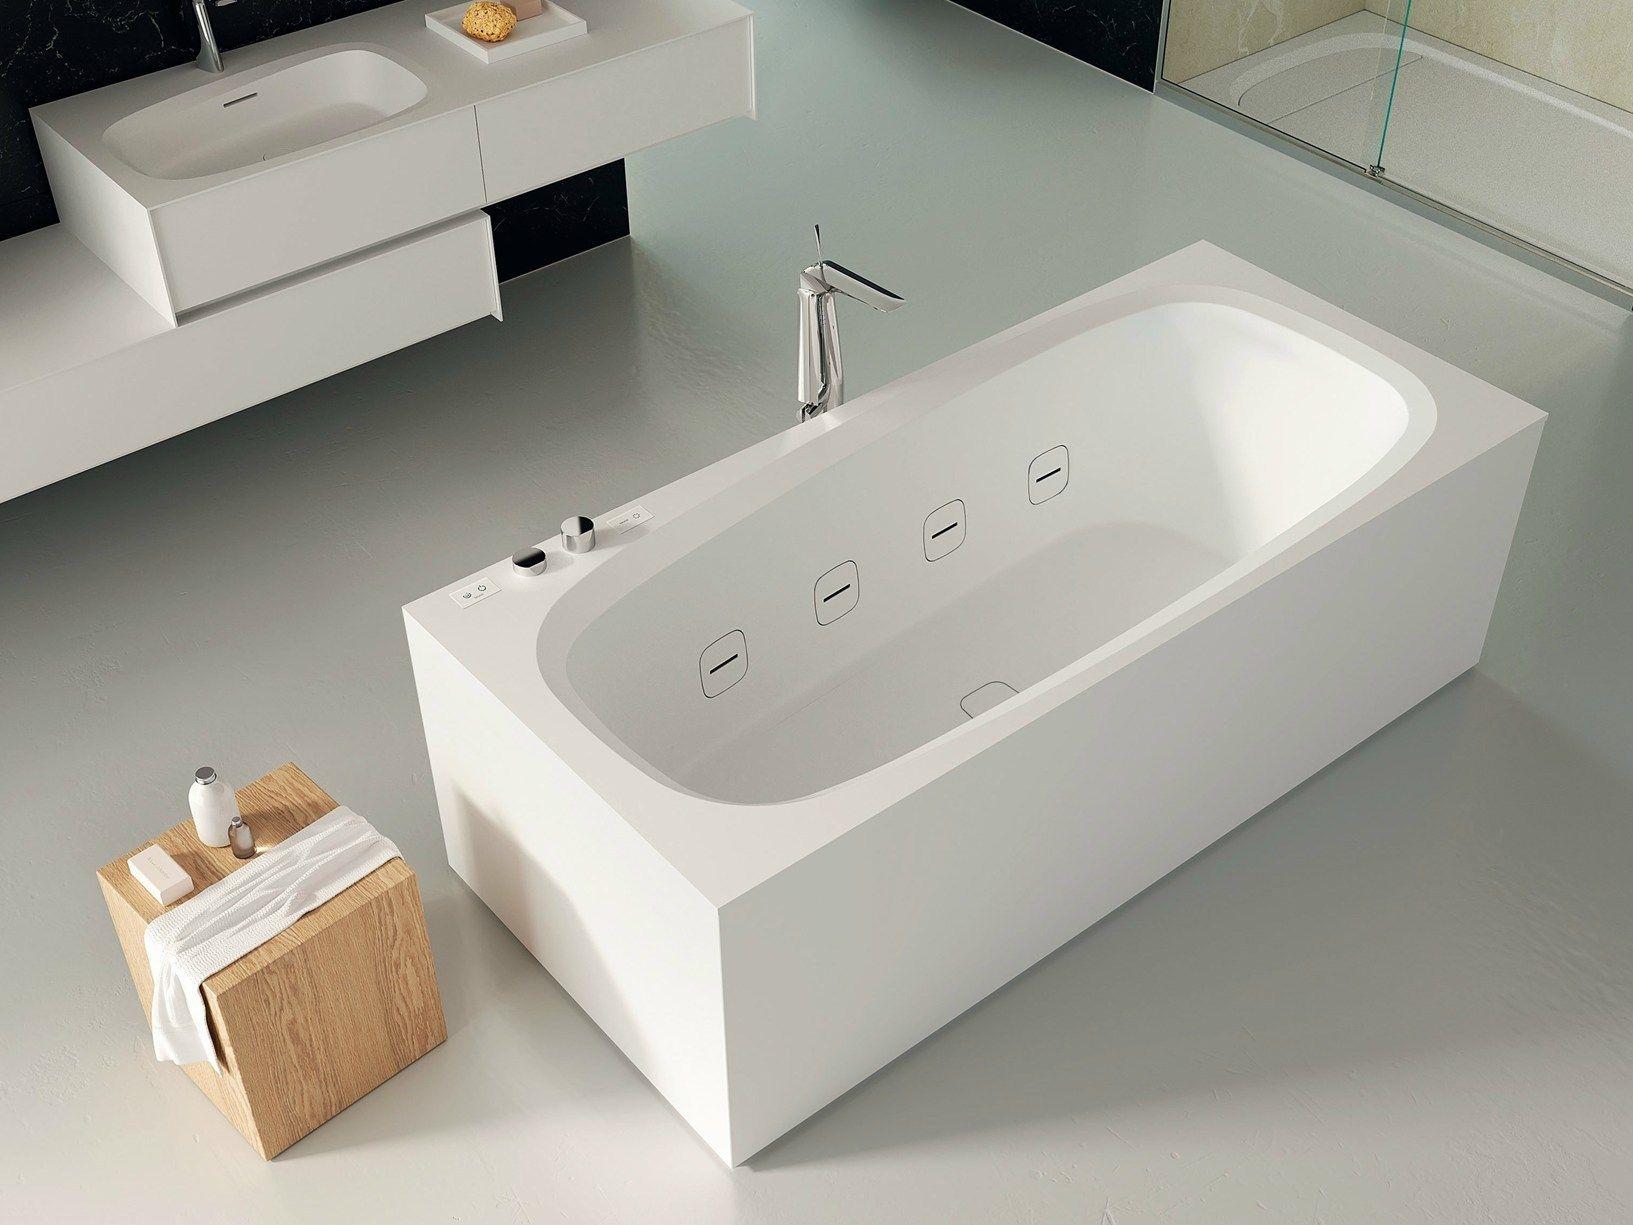 Vasca Da Bagno Angolare Teuco : Vasche da bagno con doccia teuco. stunning vasche da bagno piccole